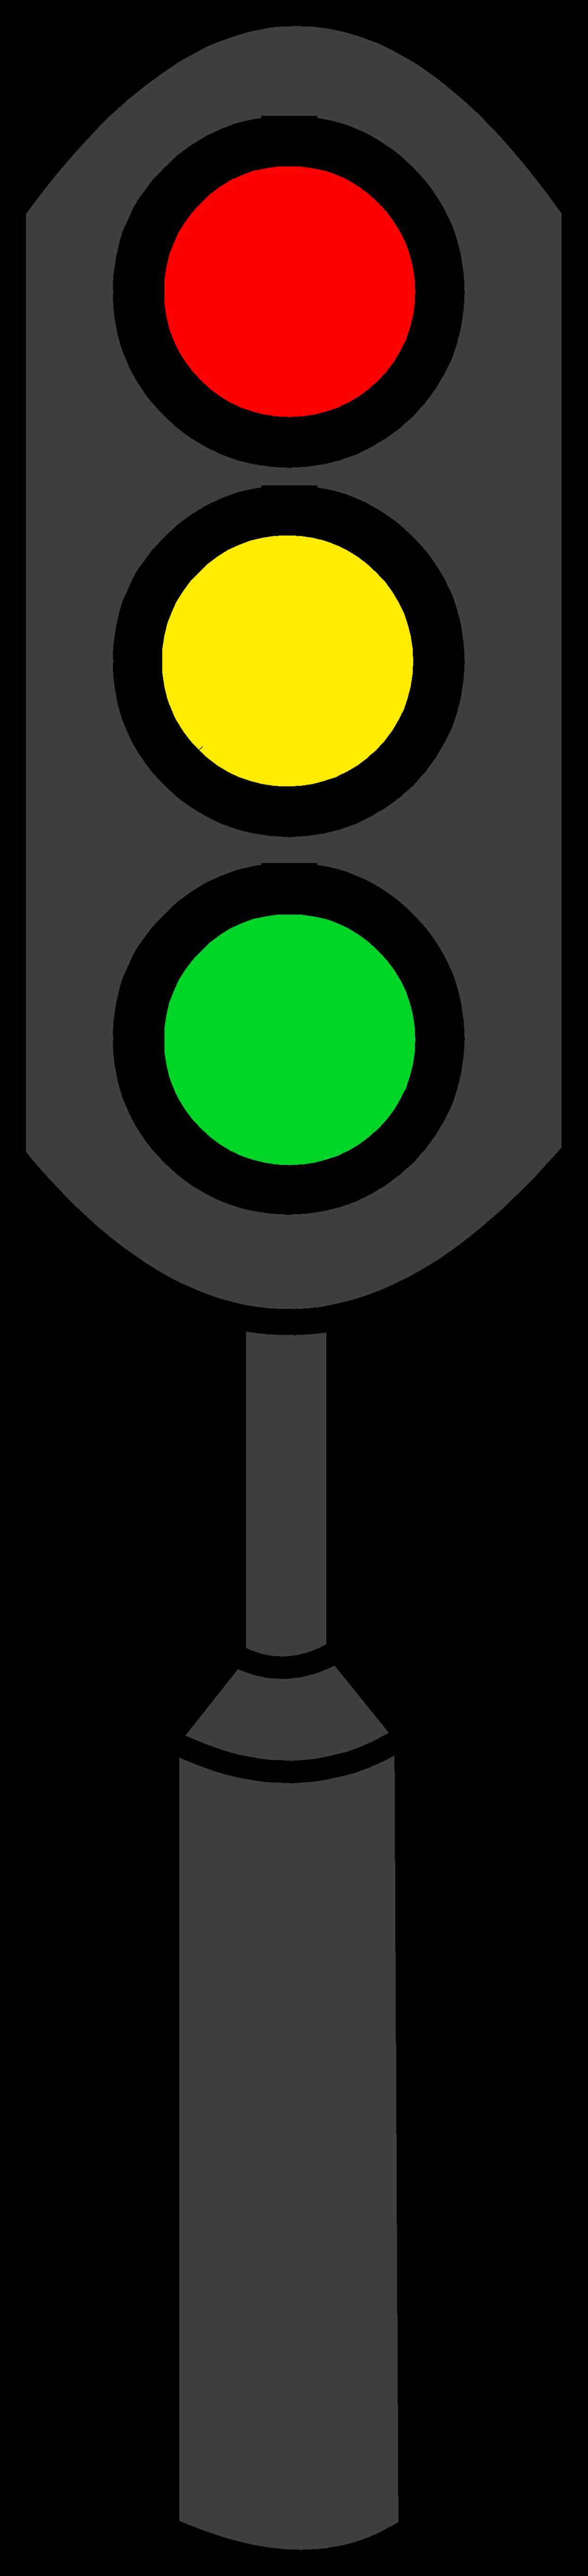 Traffic Light Clip Art Black And White - ClipArt Best